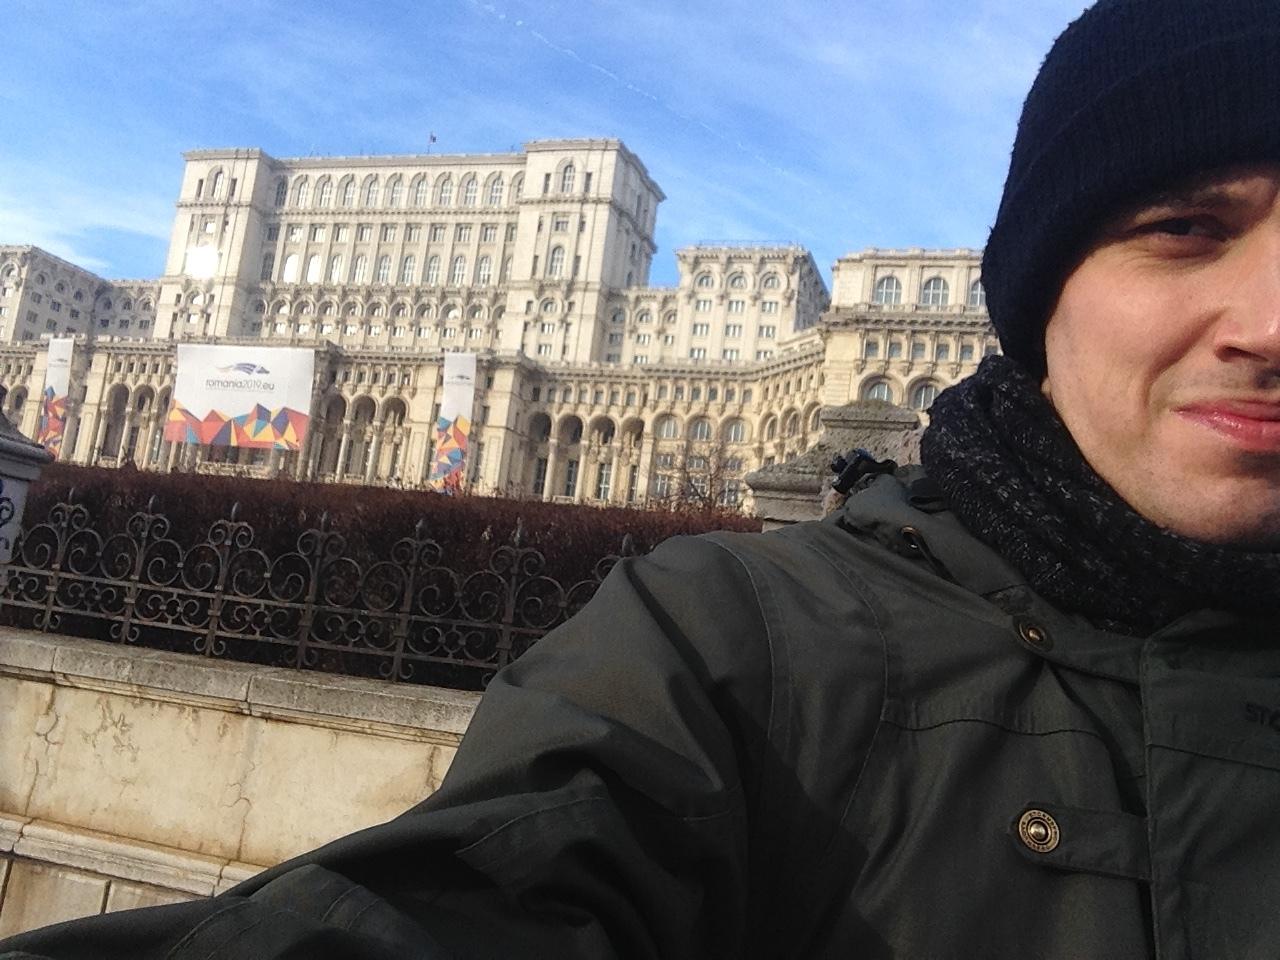 På tredje forsøk fant jeg endelig det berømte Parlamentpalasset, en av de massive bygningene som står igjen etter Ceaucescus styre.